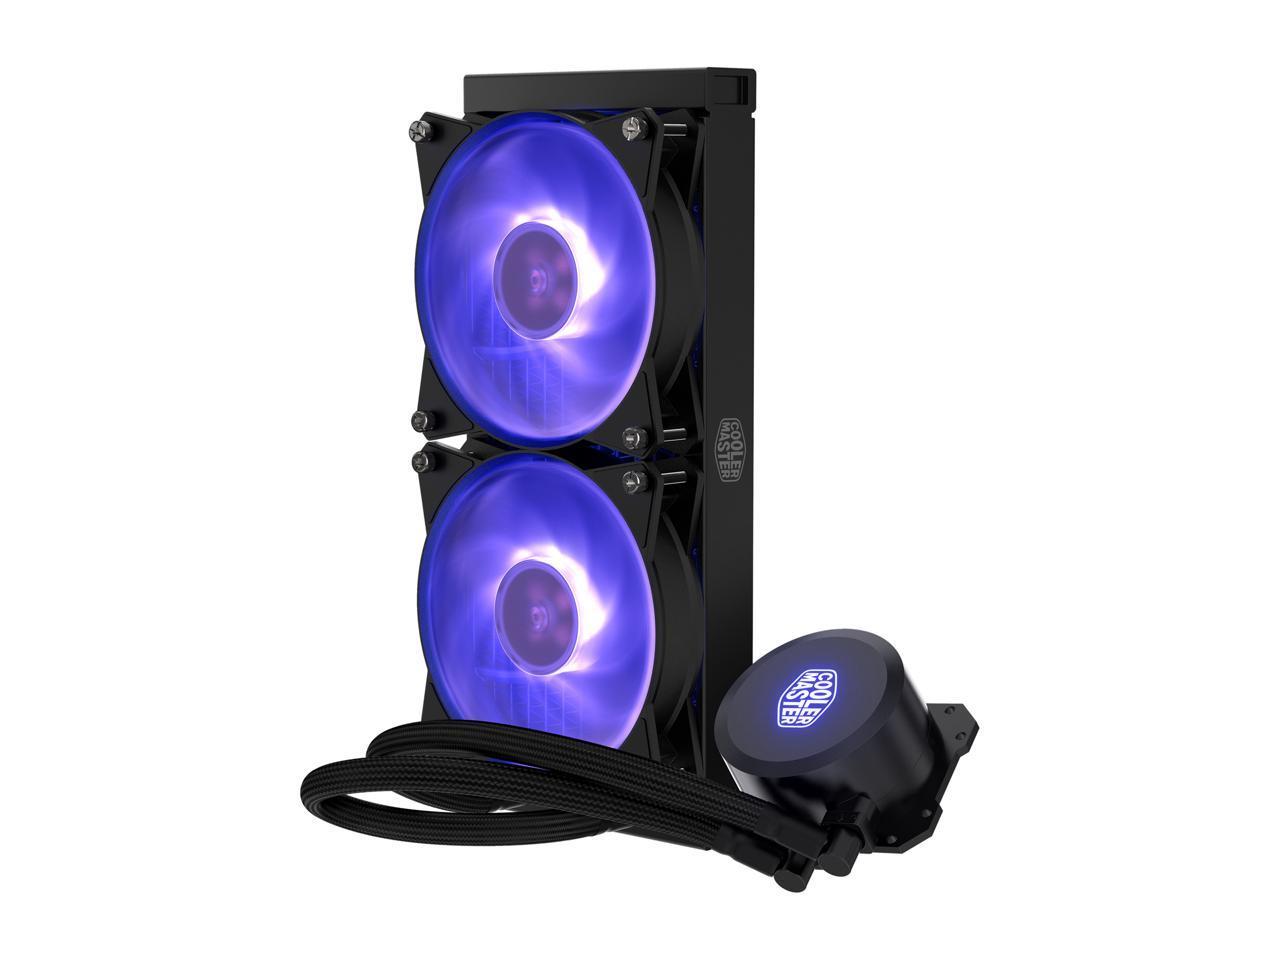 Cooler Master MasterLiquid ML240L RGB AIO Liquid Cooler @Newegg (AR) $42